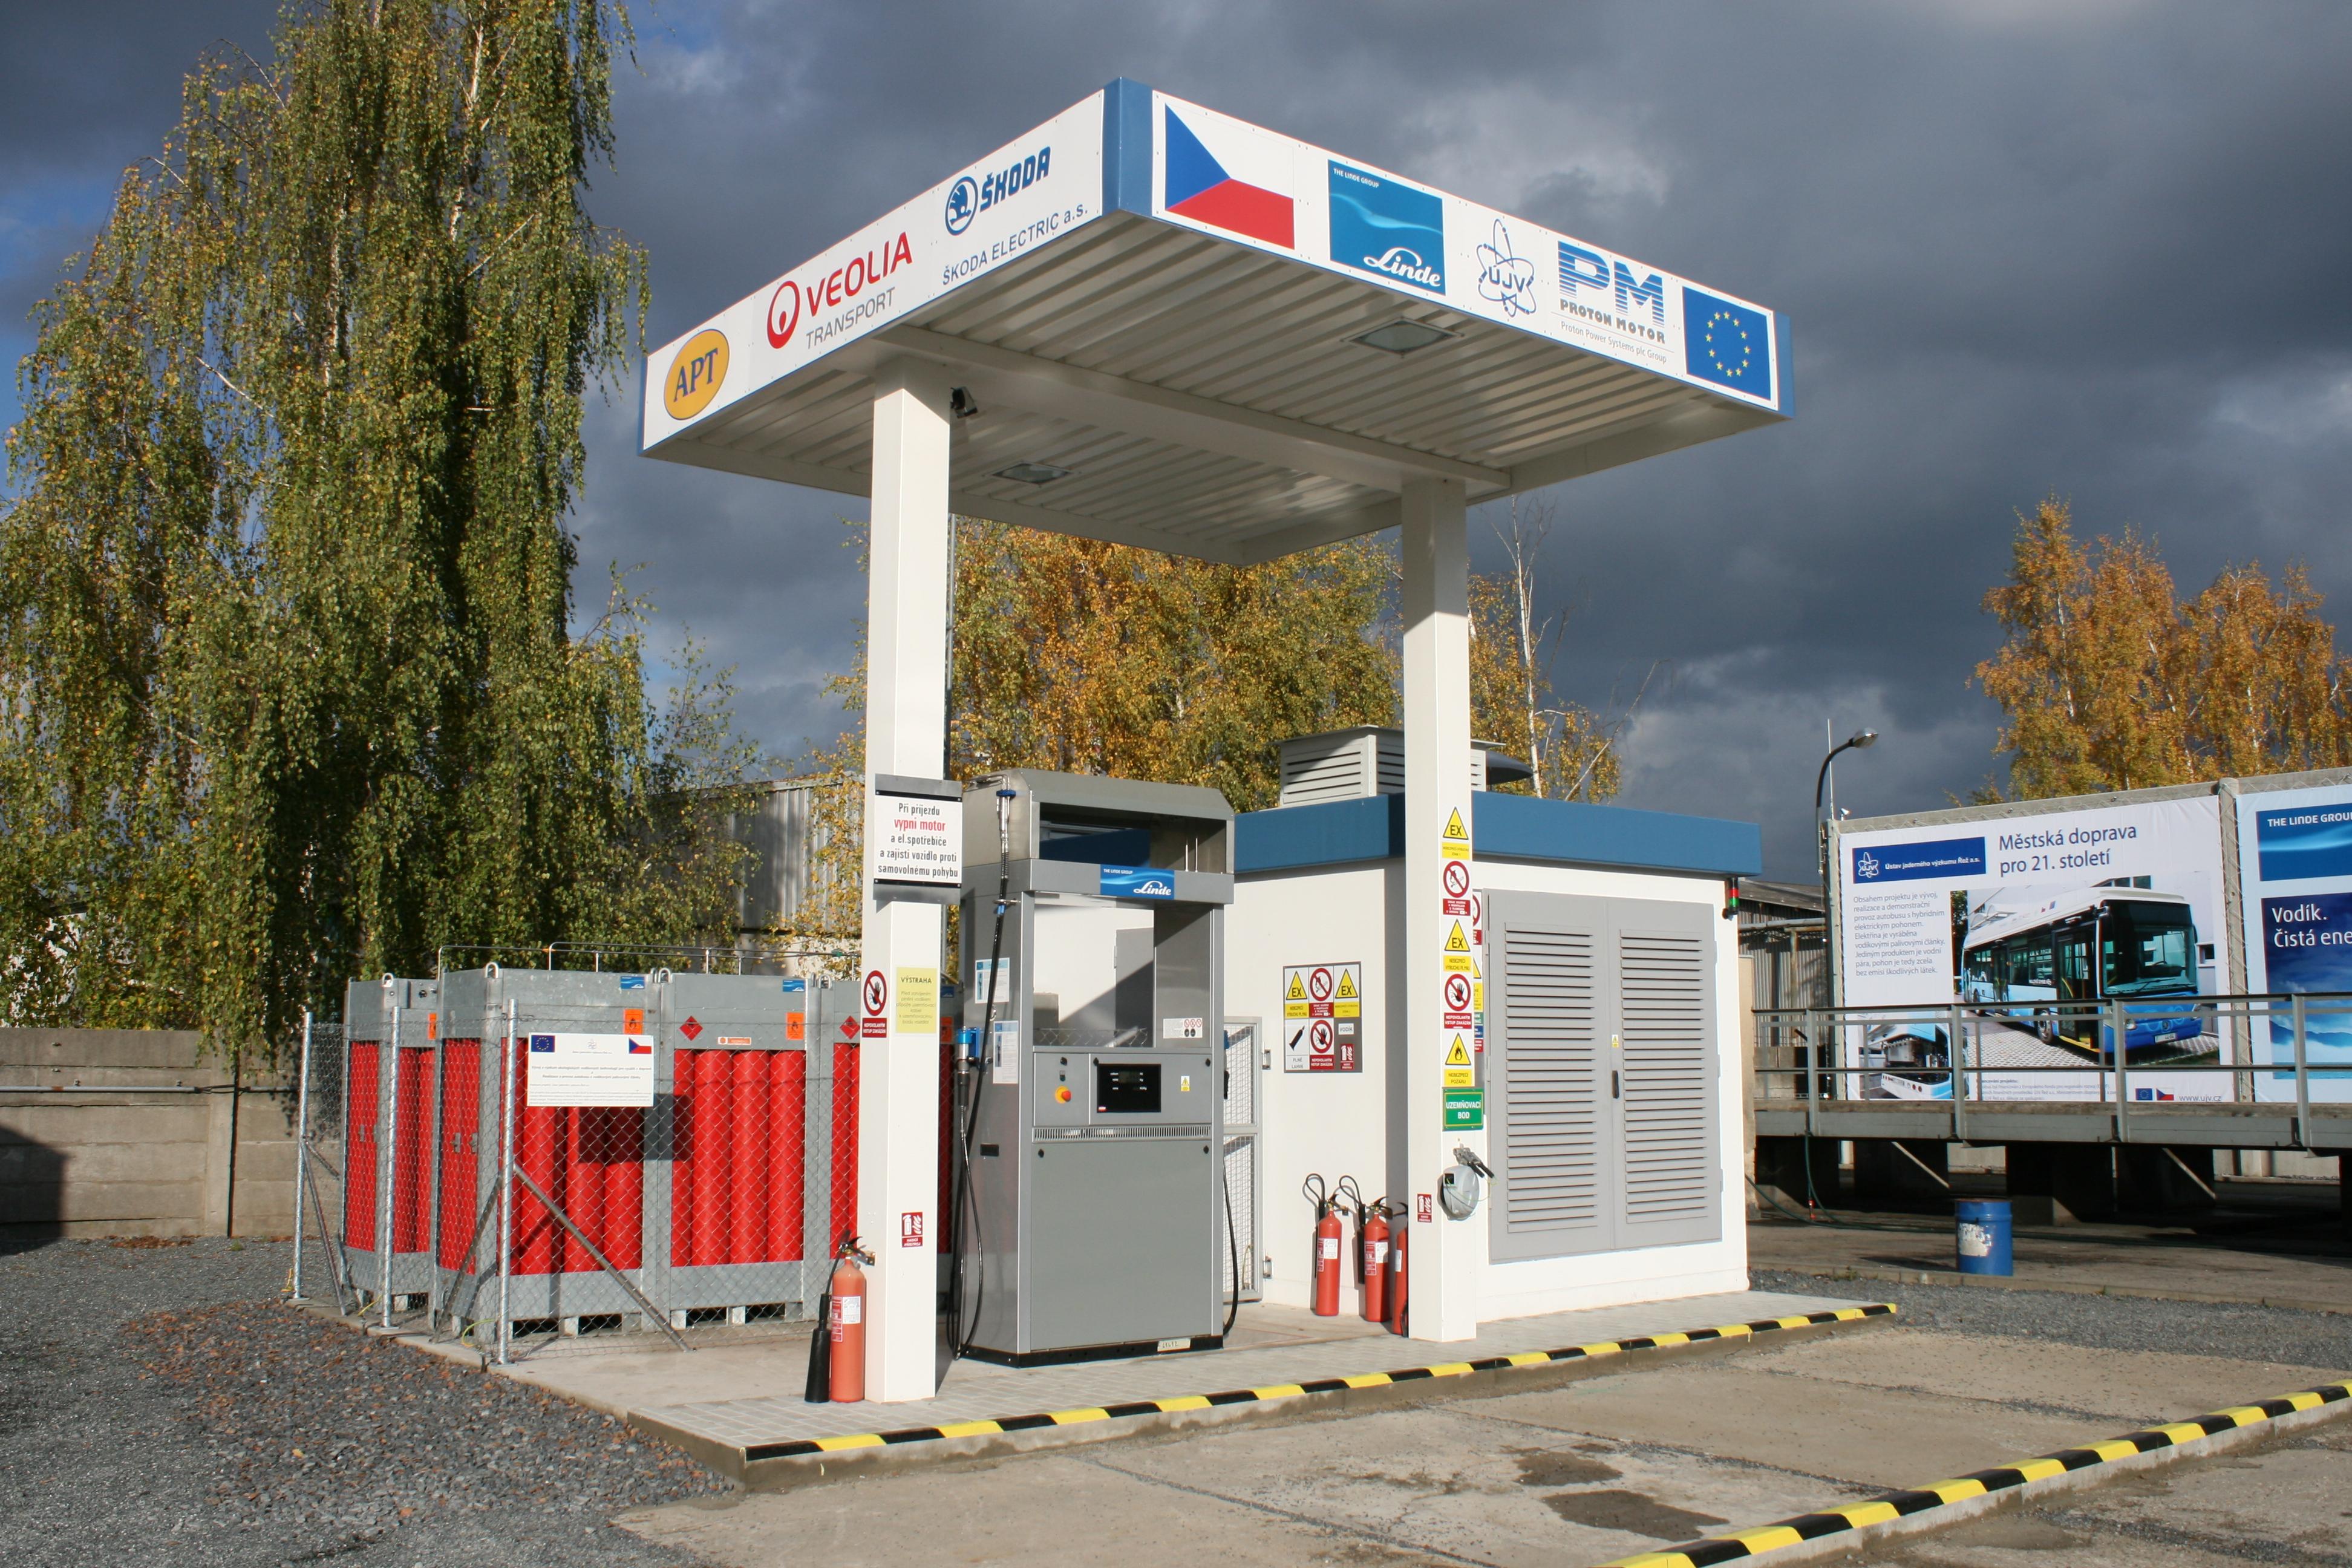 připojení palivových článků tulsa seznamovací služby